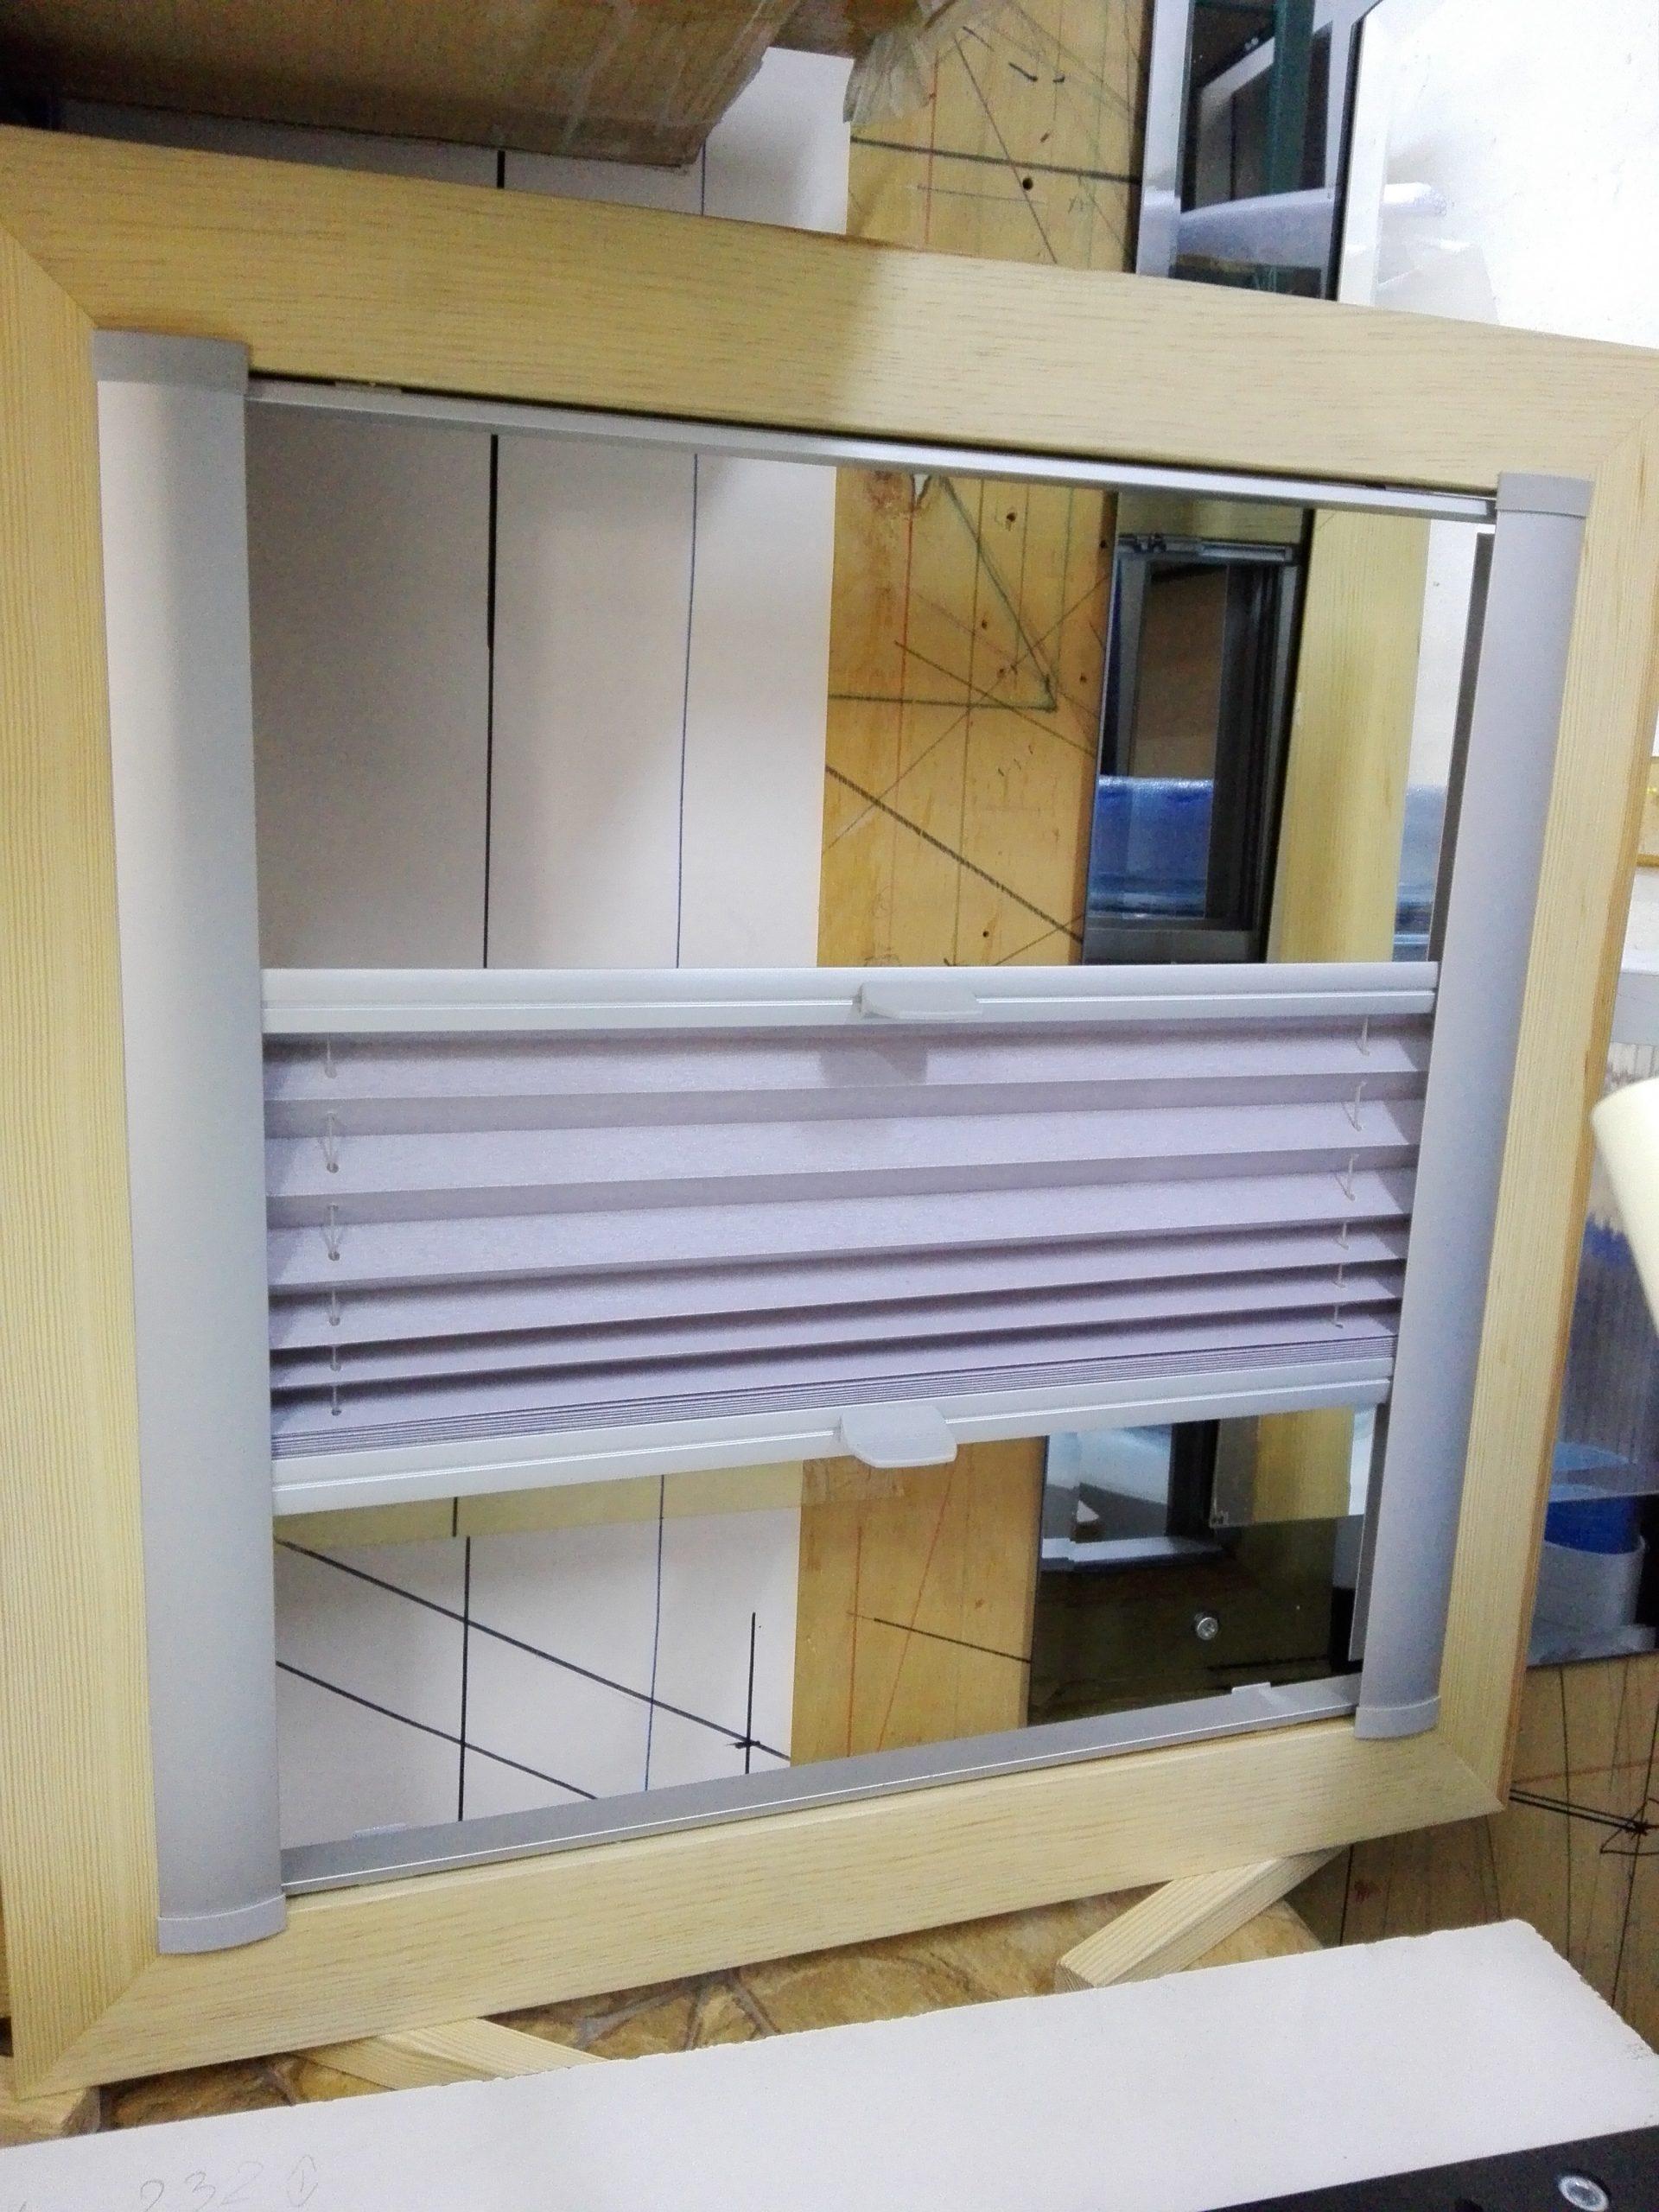 Full Size of Plissee Fensterrahmen Ins Fenster Klemmen Undicht Montage Richtig Ausmessen Austauschen Einbauen Tauschen Schüco Online Bodentief Braun Insektenschutz Ohne Fenster Plissee Fenster